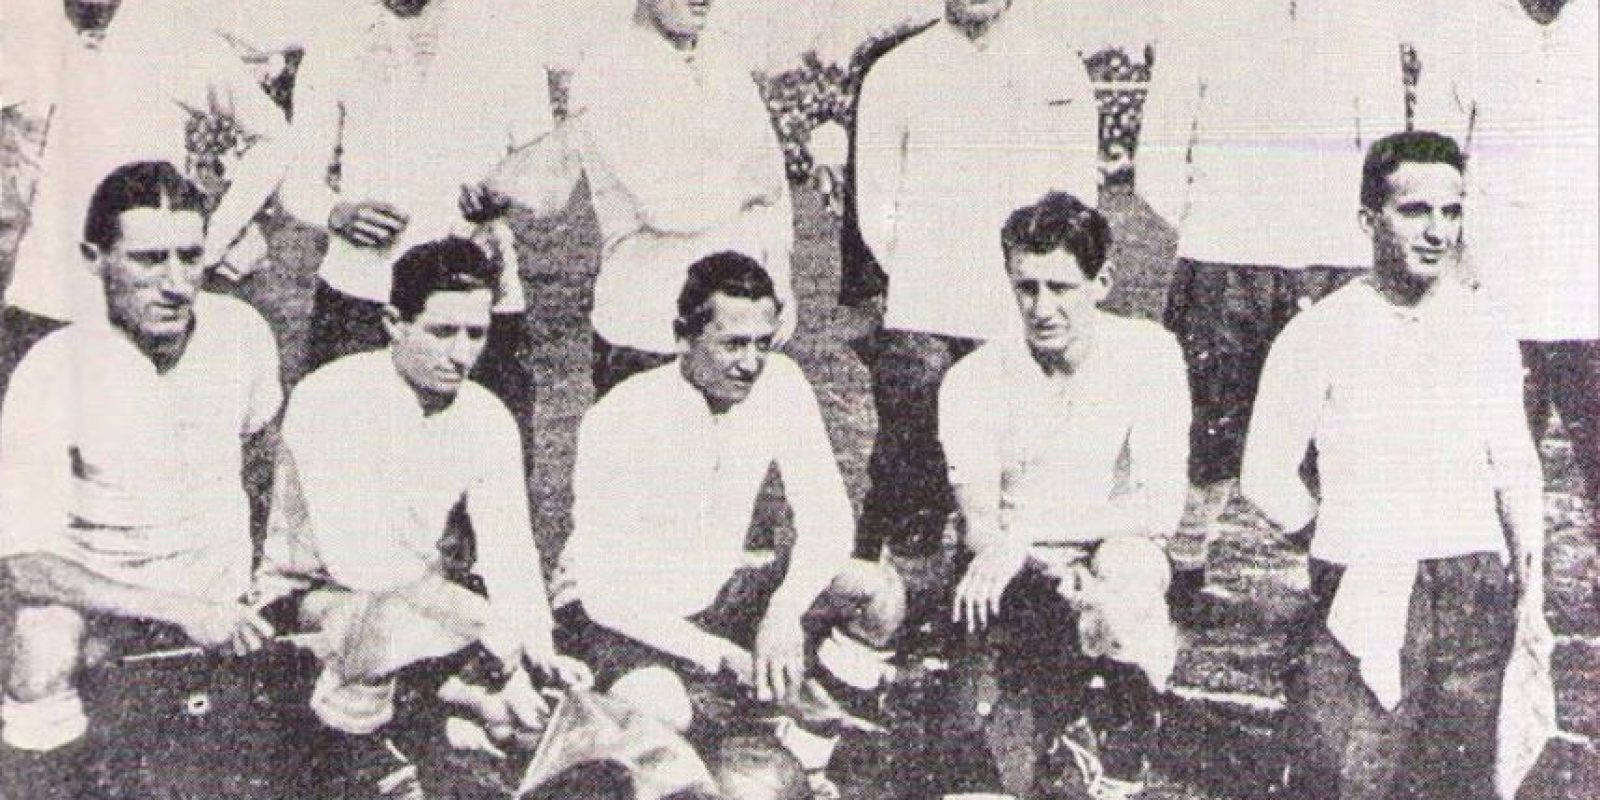 En Argentina 1921 participó por primera vez otra selección: Paraguay, recién afiliada a la FIFA y que terminó en cuarto lugar. Chile no acudió al torneo esta vez por problemas internos. Foto:Wikimedia